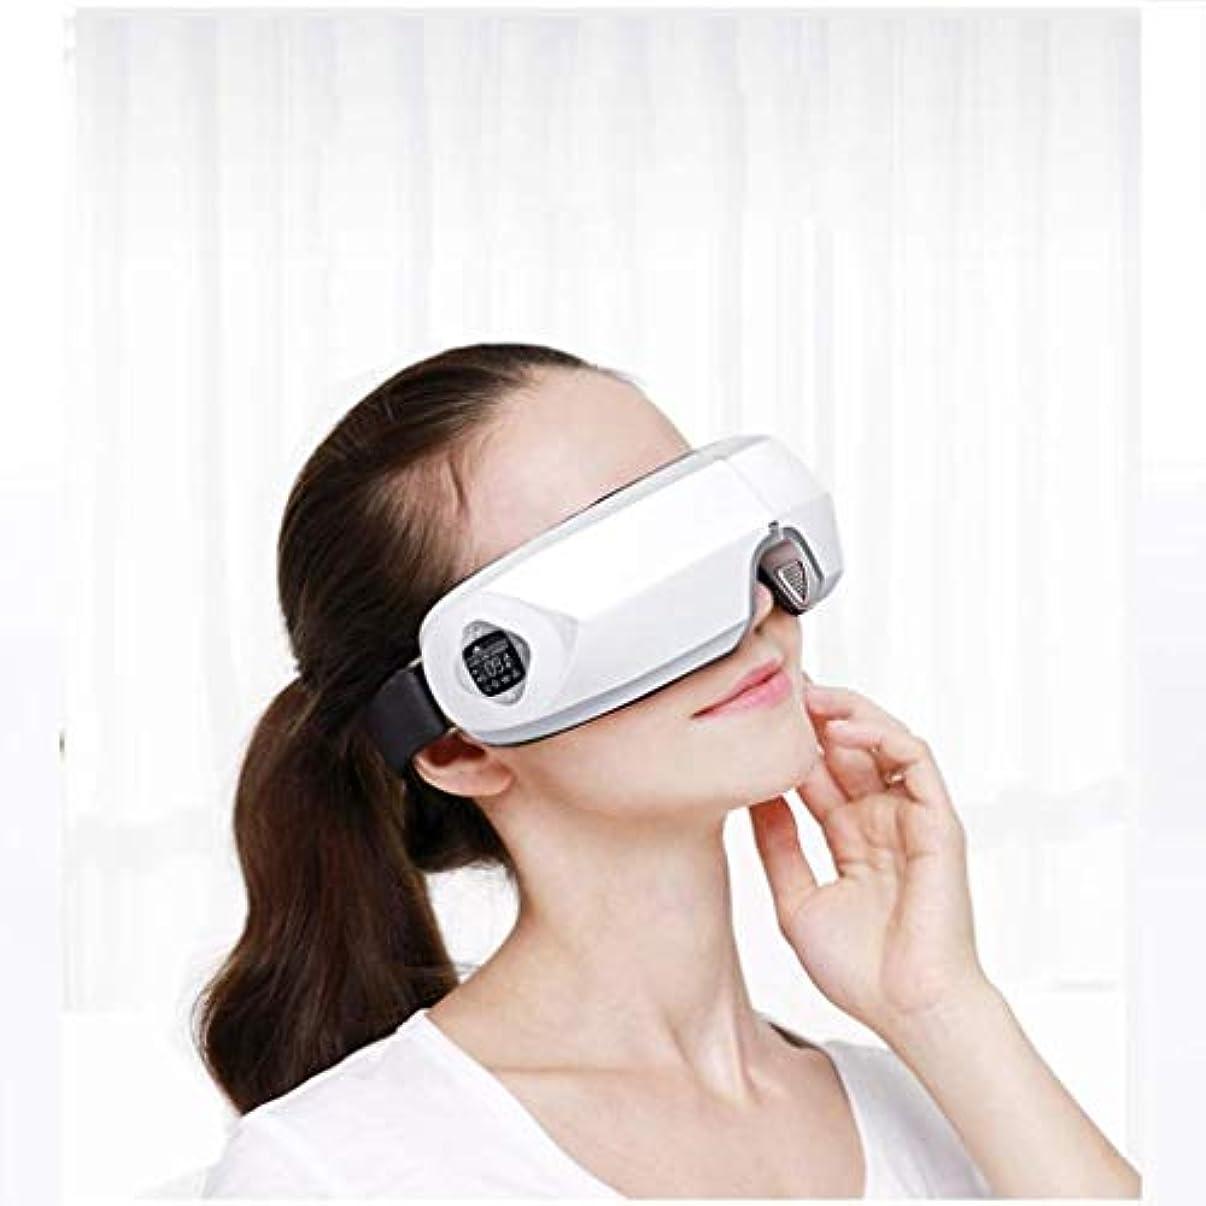 密一節病的アイマッサージャー、折り畳み式ポータブルマイナスイオンアイマッサージアイプロテクター、視力を保護し、疲労を軽減する熱アイマスク